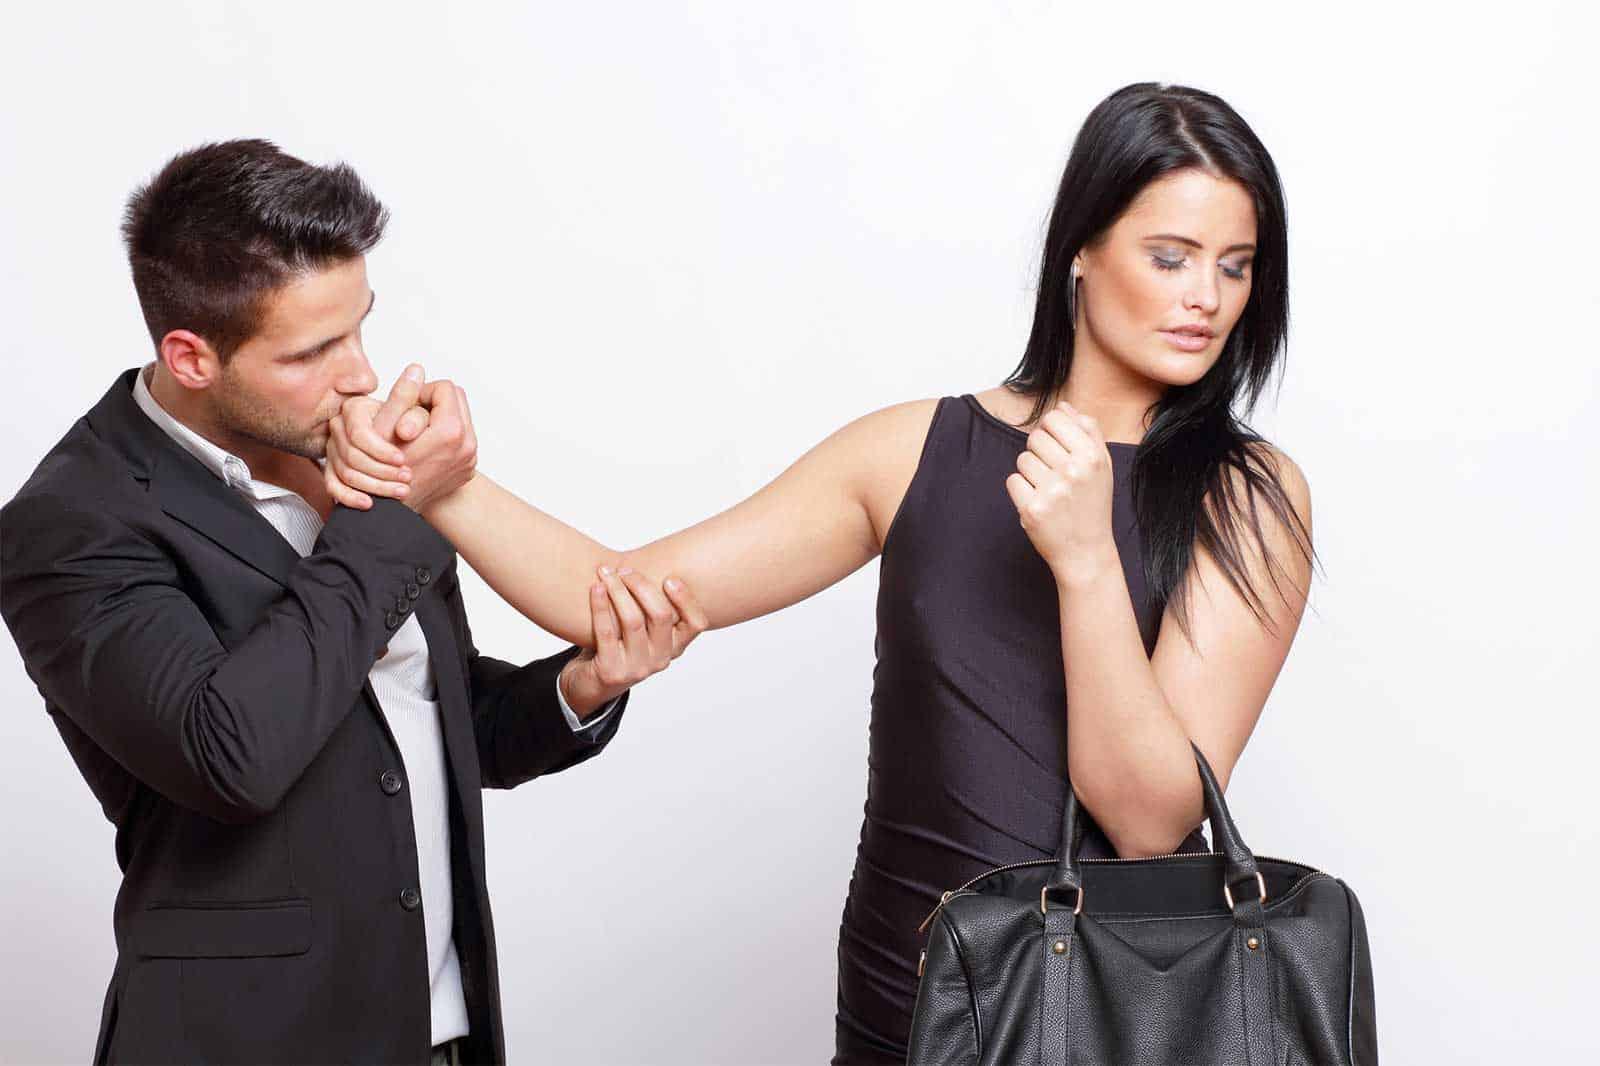 картинки о мужчинах боящихся своих жен вместо ряженки добавляю